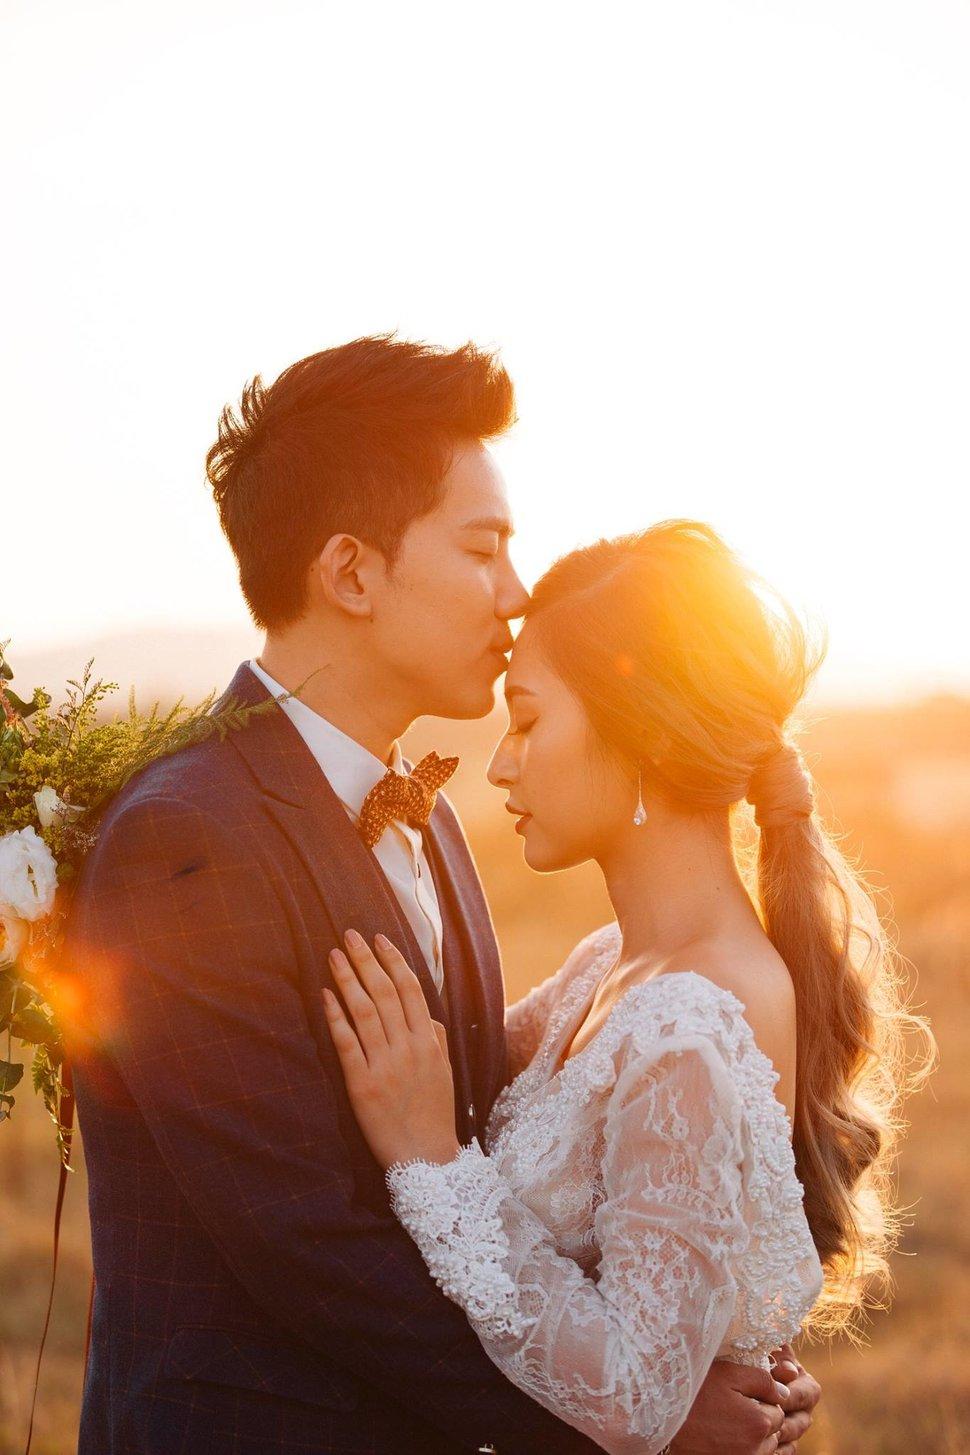 52276830_992431507547116_2673375627159011328_o - LINN  美式婚紗《結婚吧》